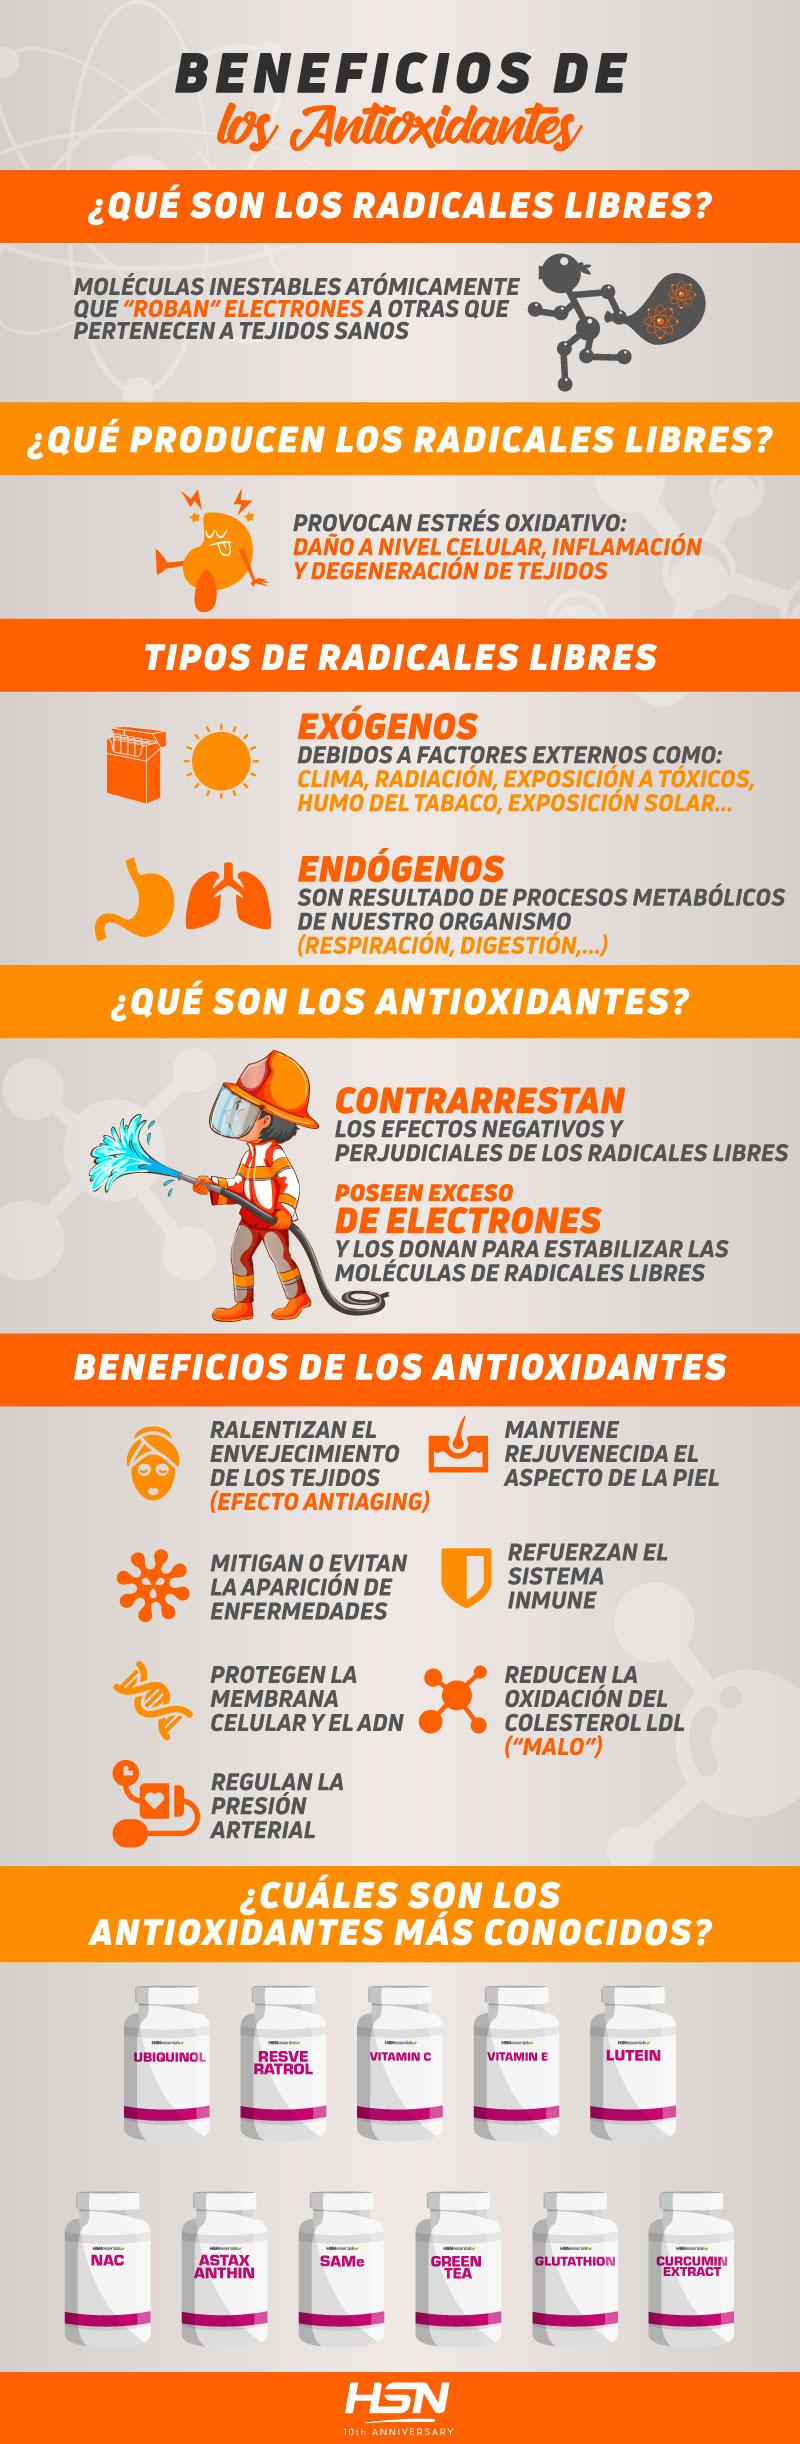 Efectos de los Antioxidantes